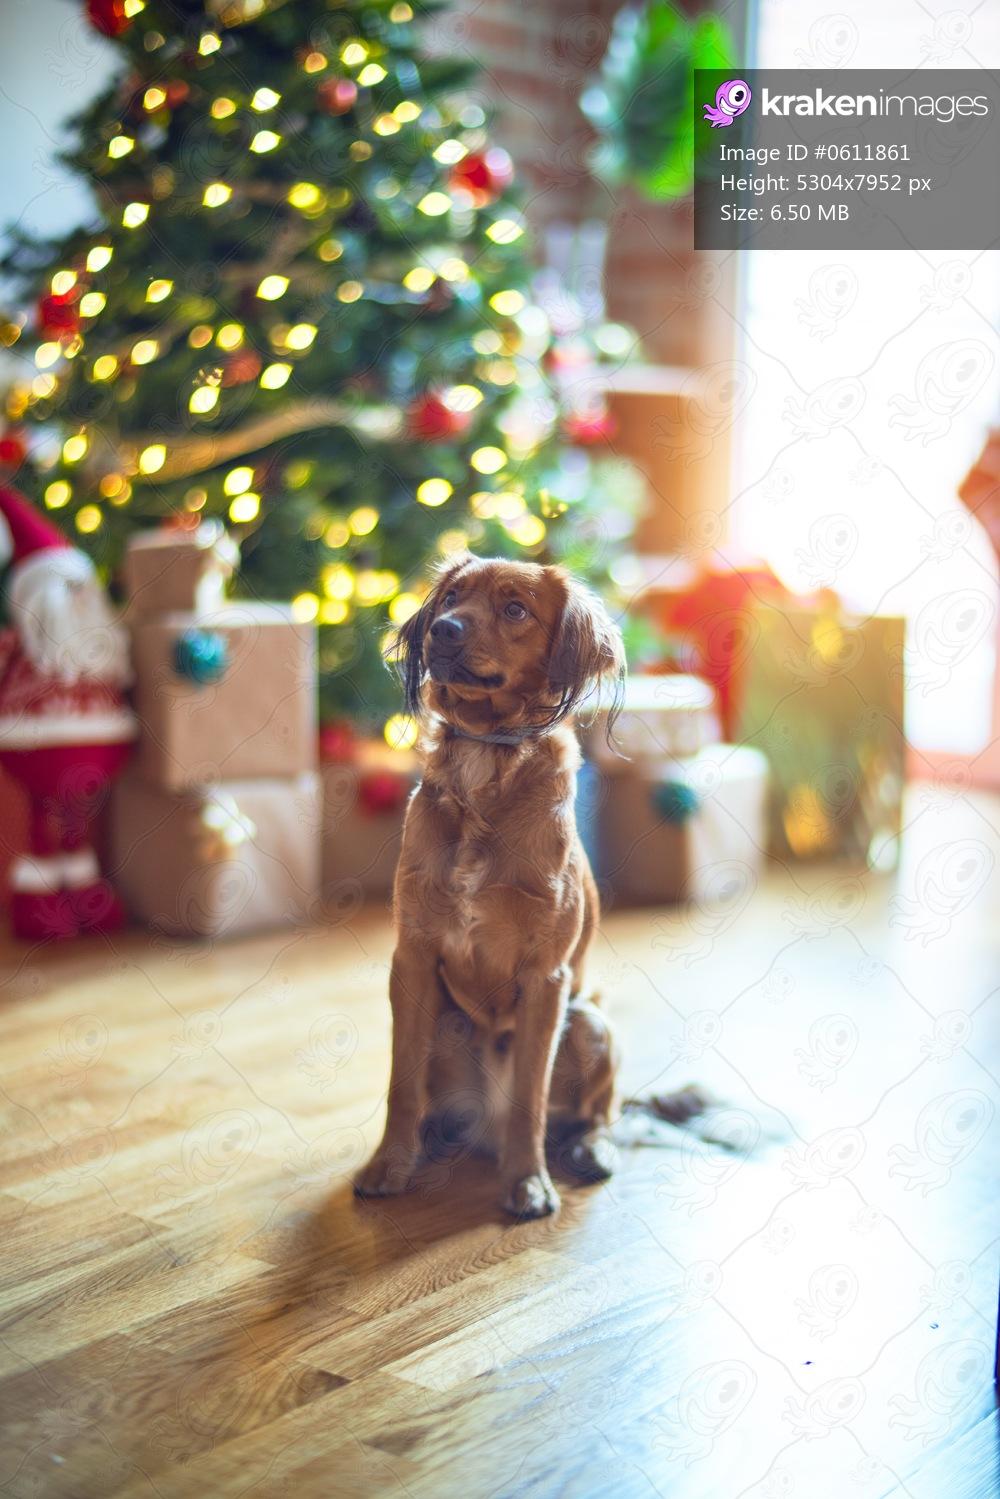 Adorable dog around christmas tree at home